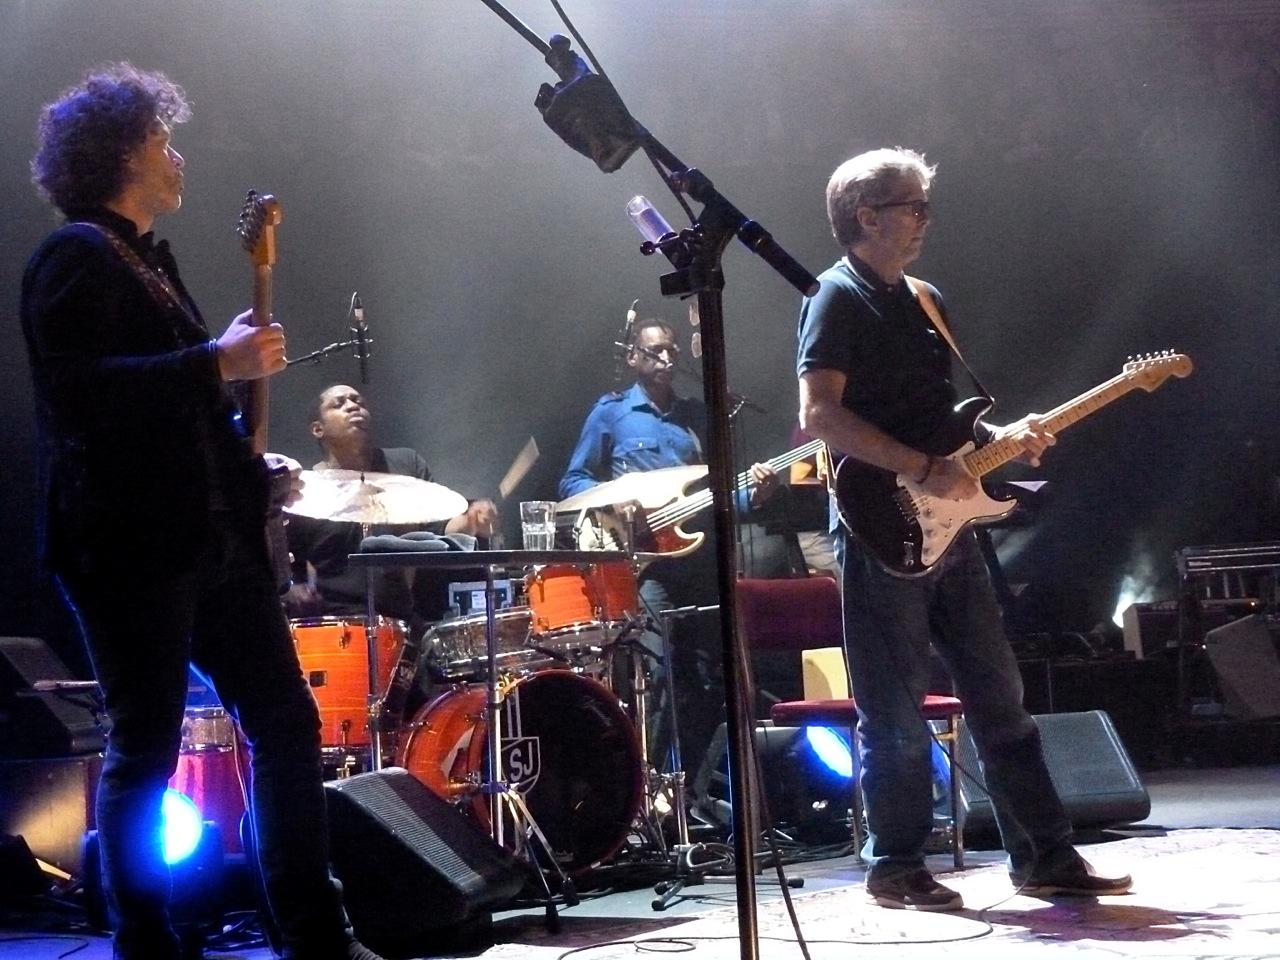 18 May 2013 Royal Albert Hall London